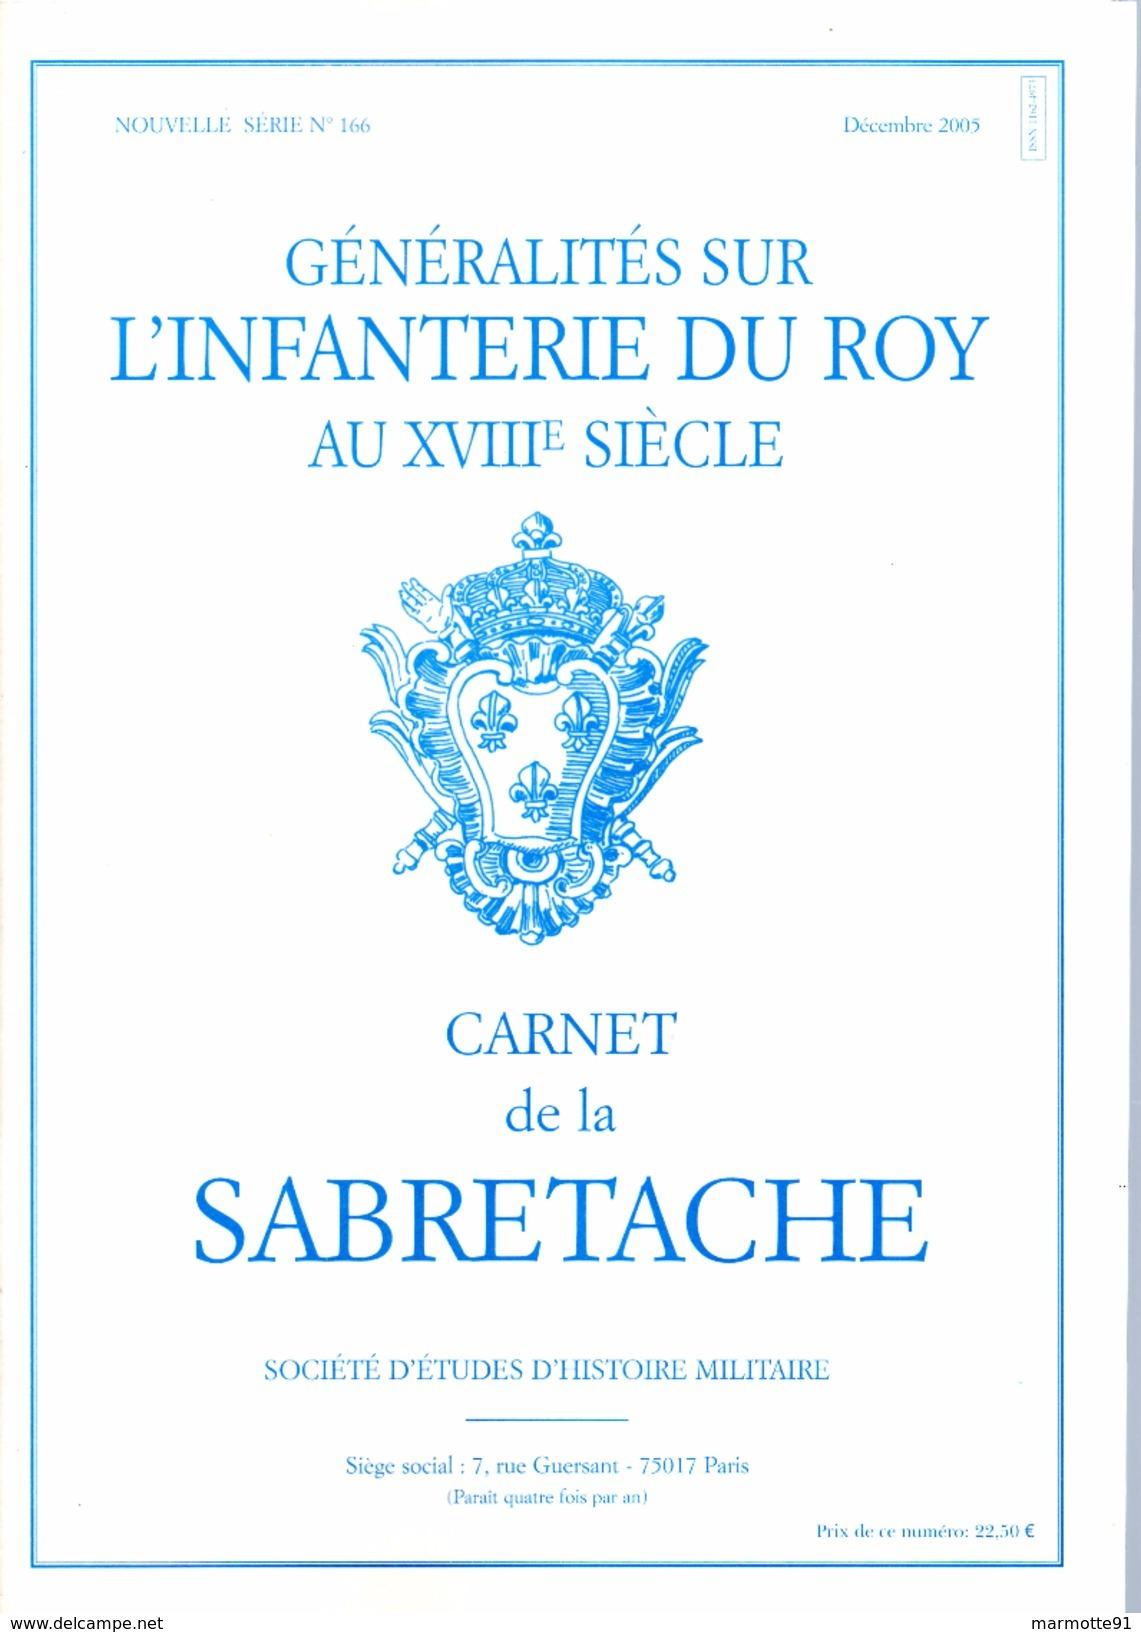 CARNET SABRETACHE N°166 GENERALITES INFANTERIE DU ROY 18e SIECLE  HISTORIQUE UNIFORME ORGANISATION - Boeken